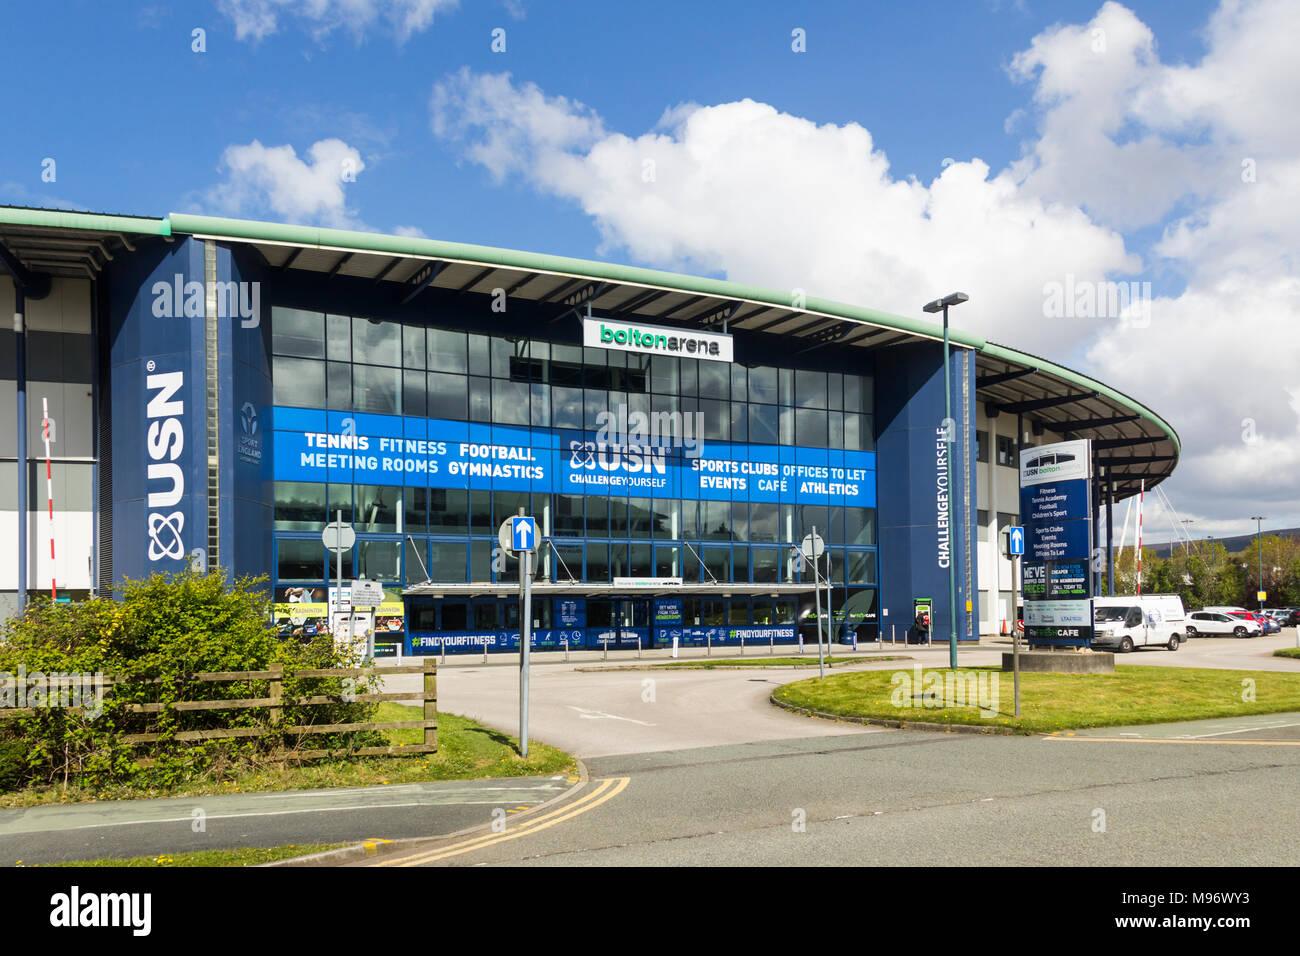 Bolton Arena indoor sports arena a Middlebrook Retail e Leisure Park, Horwich. I servizi includono centro fitness palestre, campi da tennis e calcio balilla. Immagini Stock